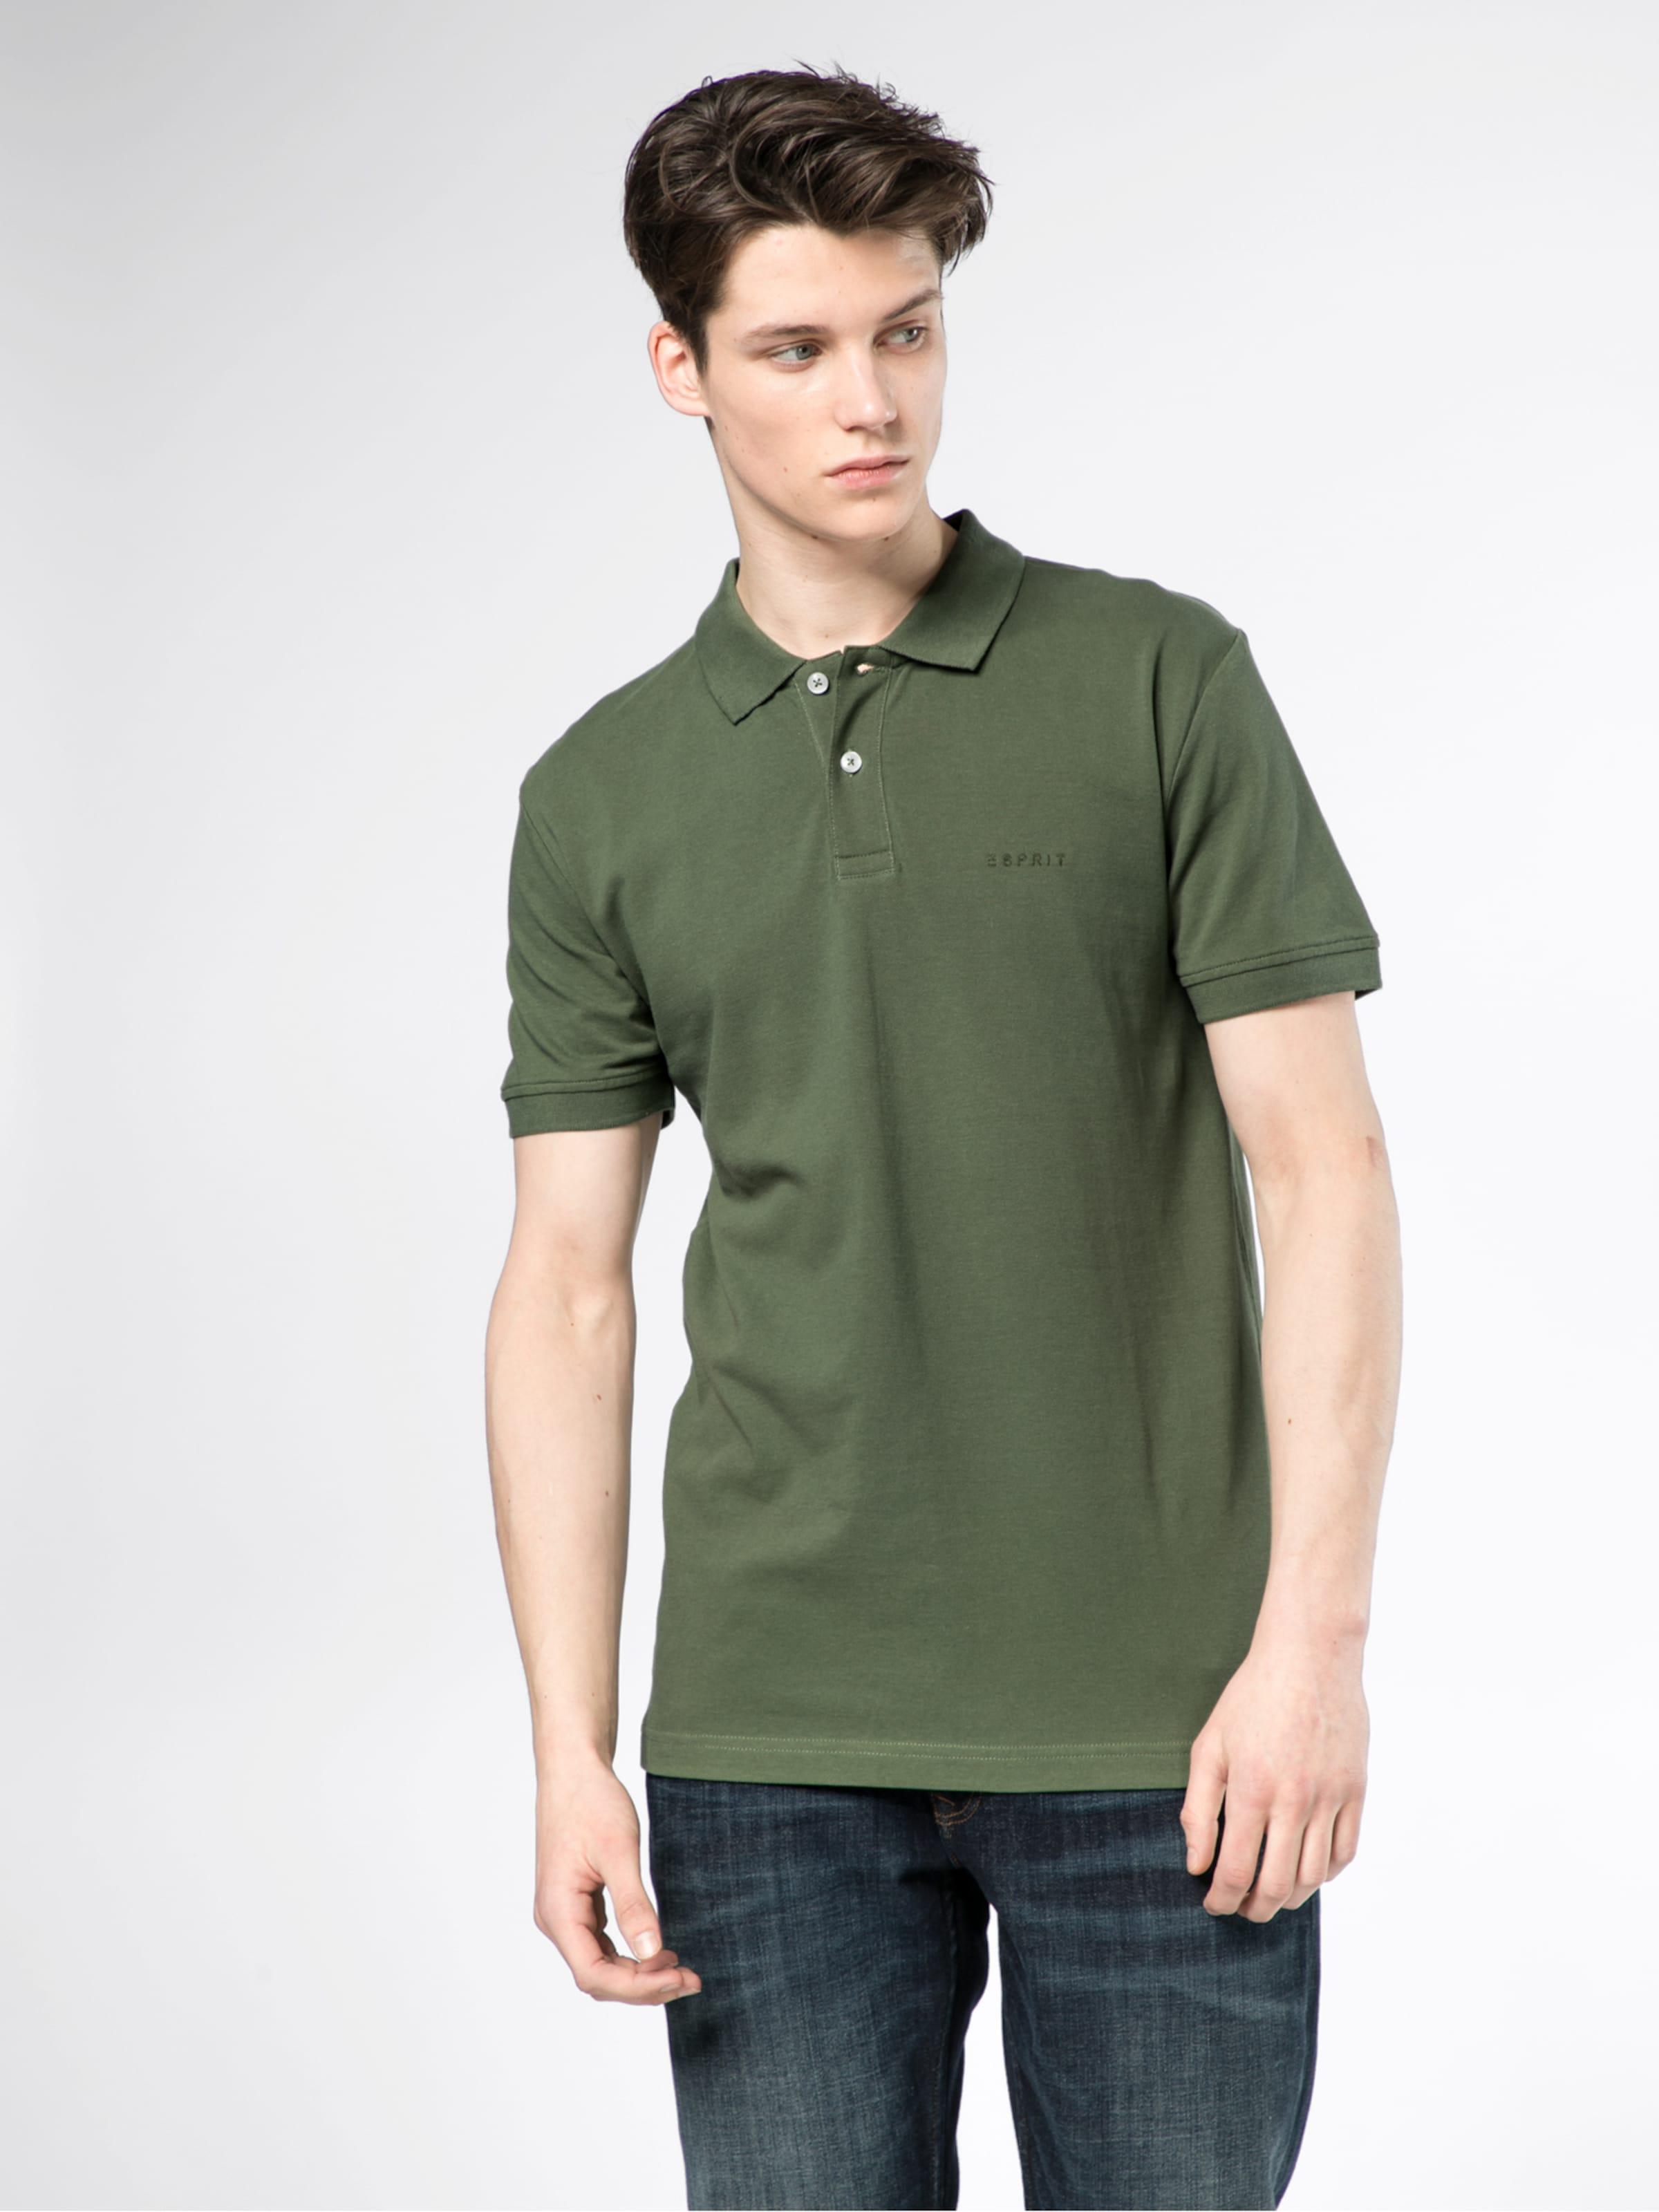 ESPRIT Polo-Shirt 'OCS F po co piq Polo shirts' Freiraum Für Billig Erhalten Authentisch Zu Verkaufen Online-Shop HoZmkTEnj